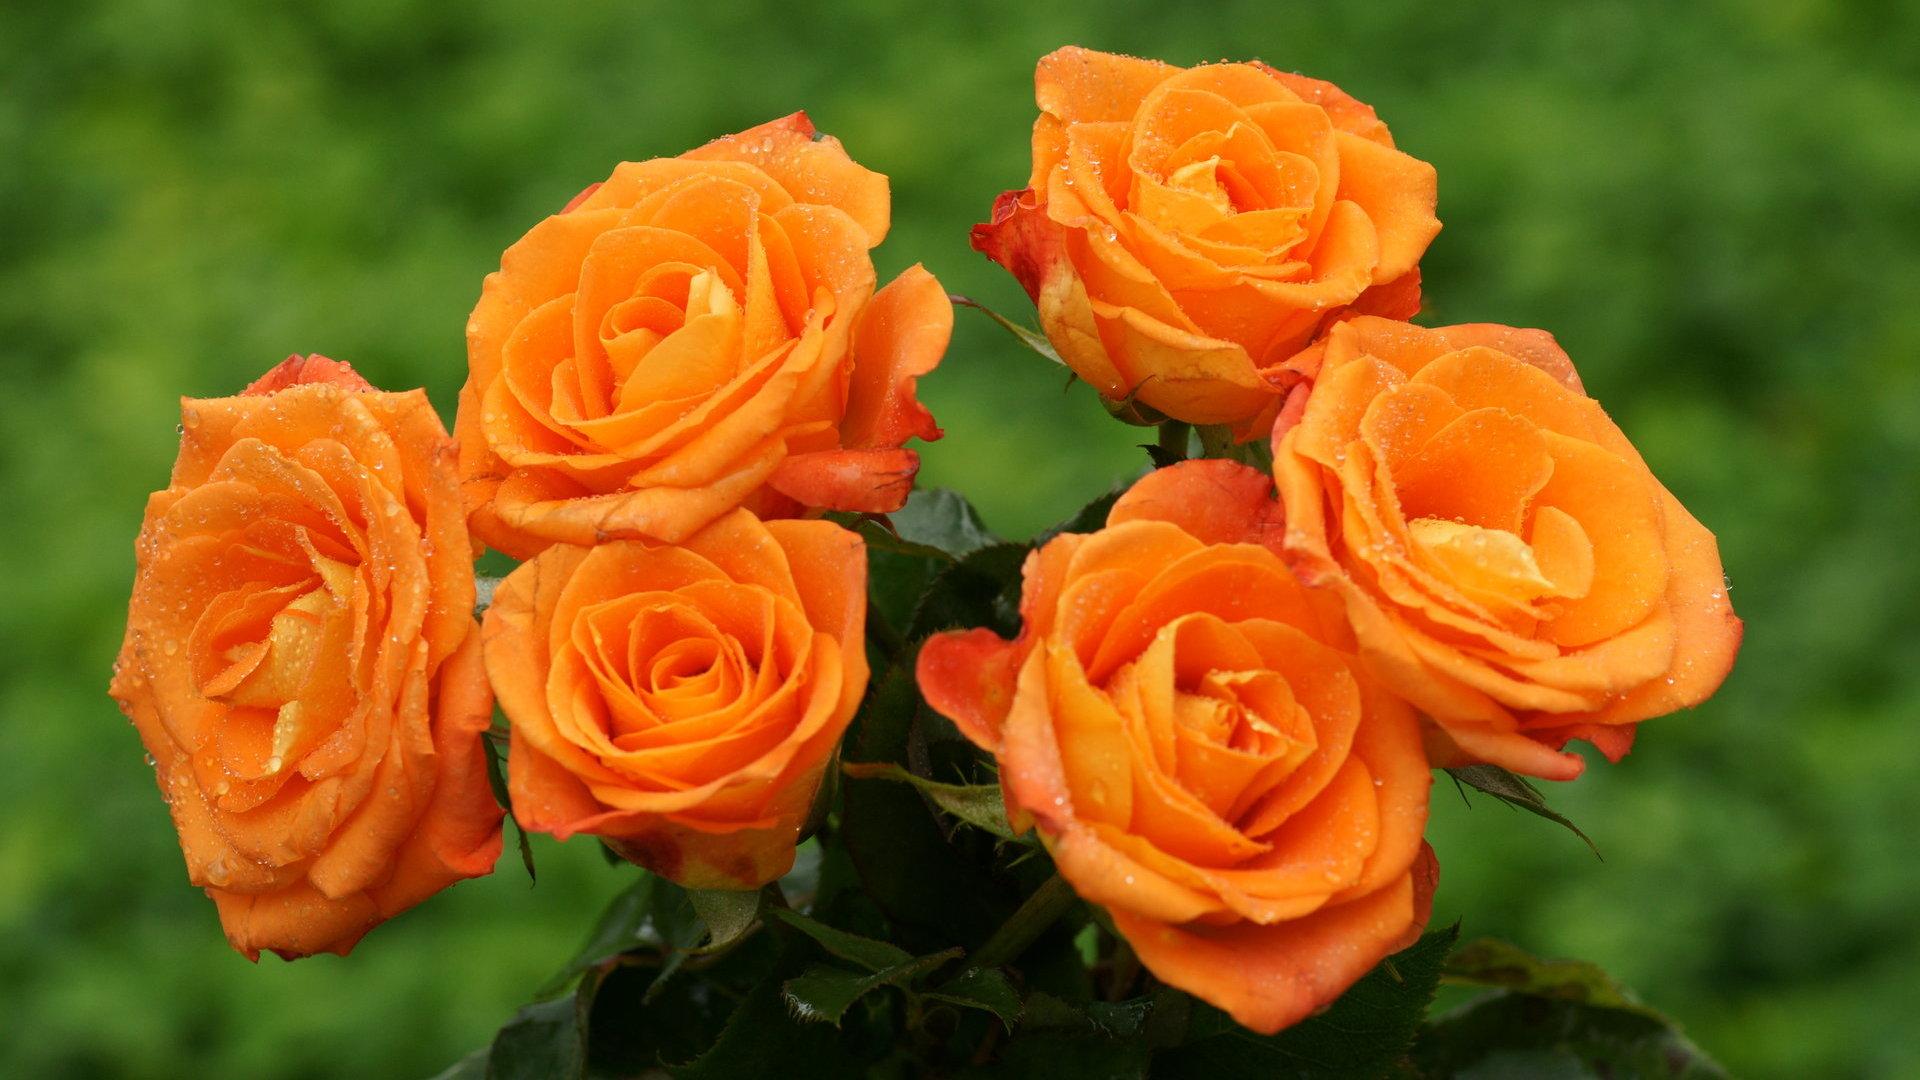 Orange Roses Picture